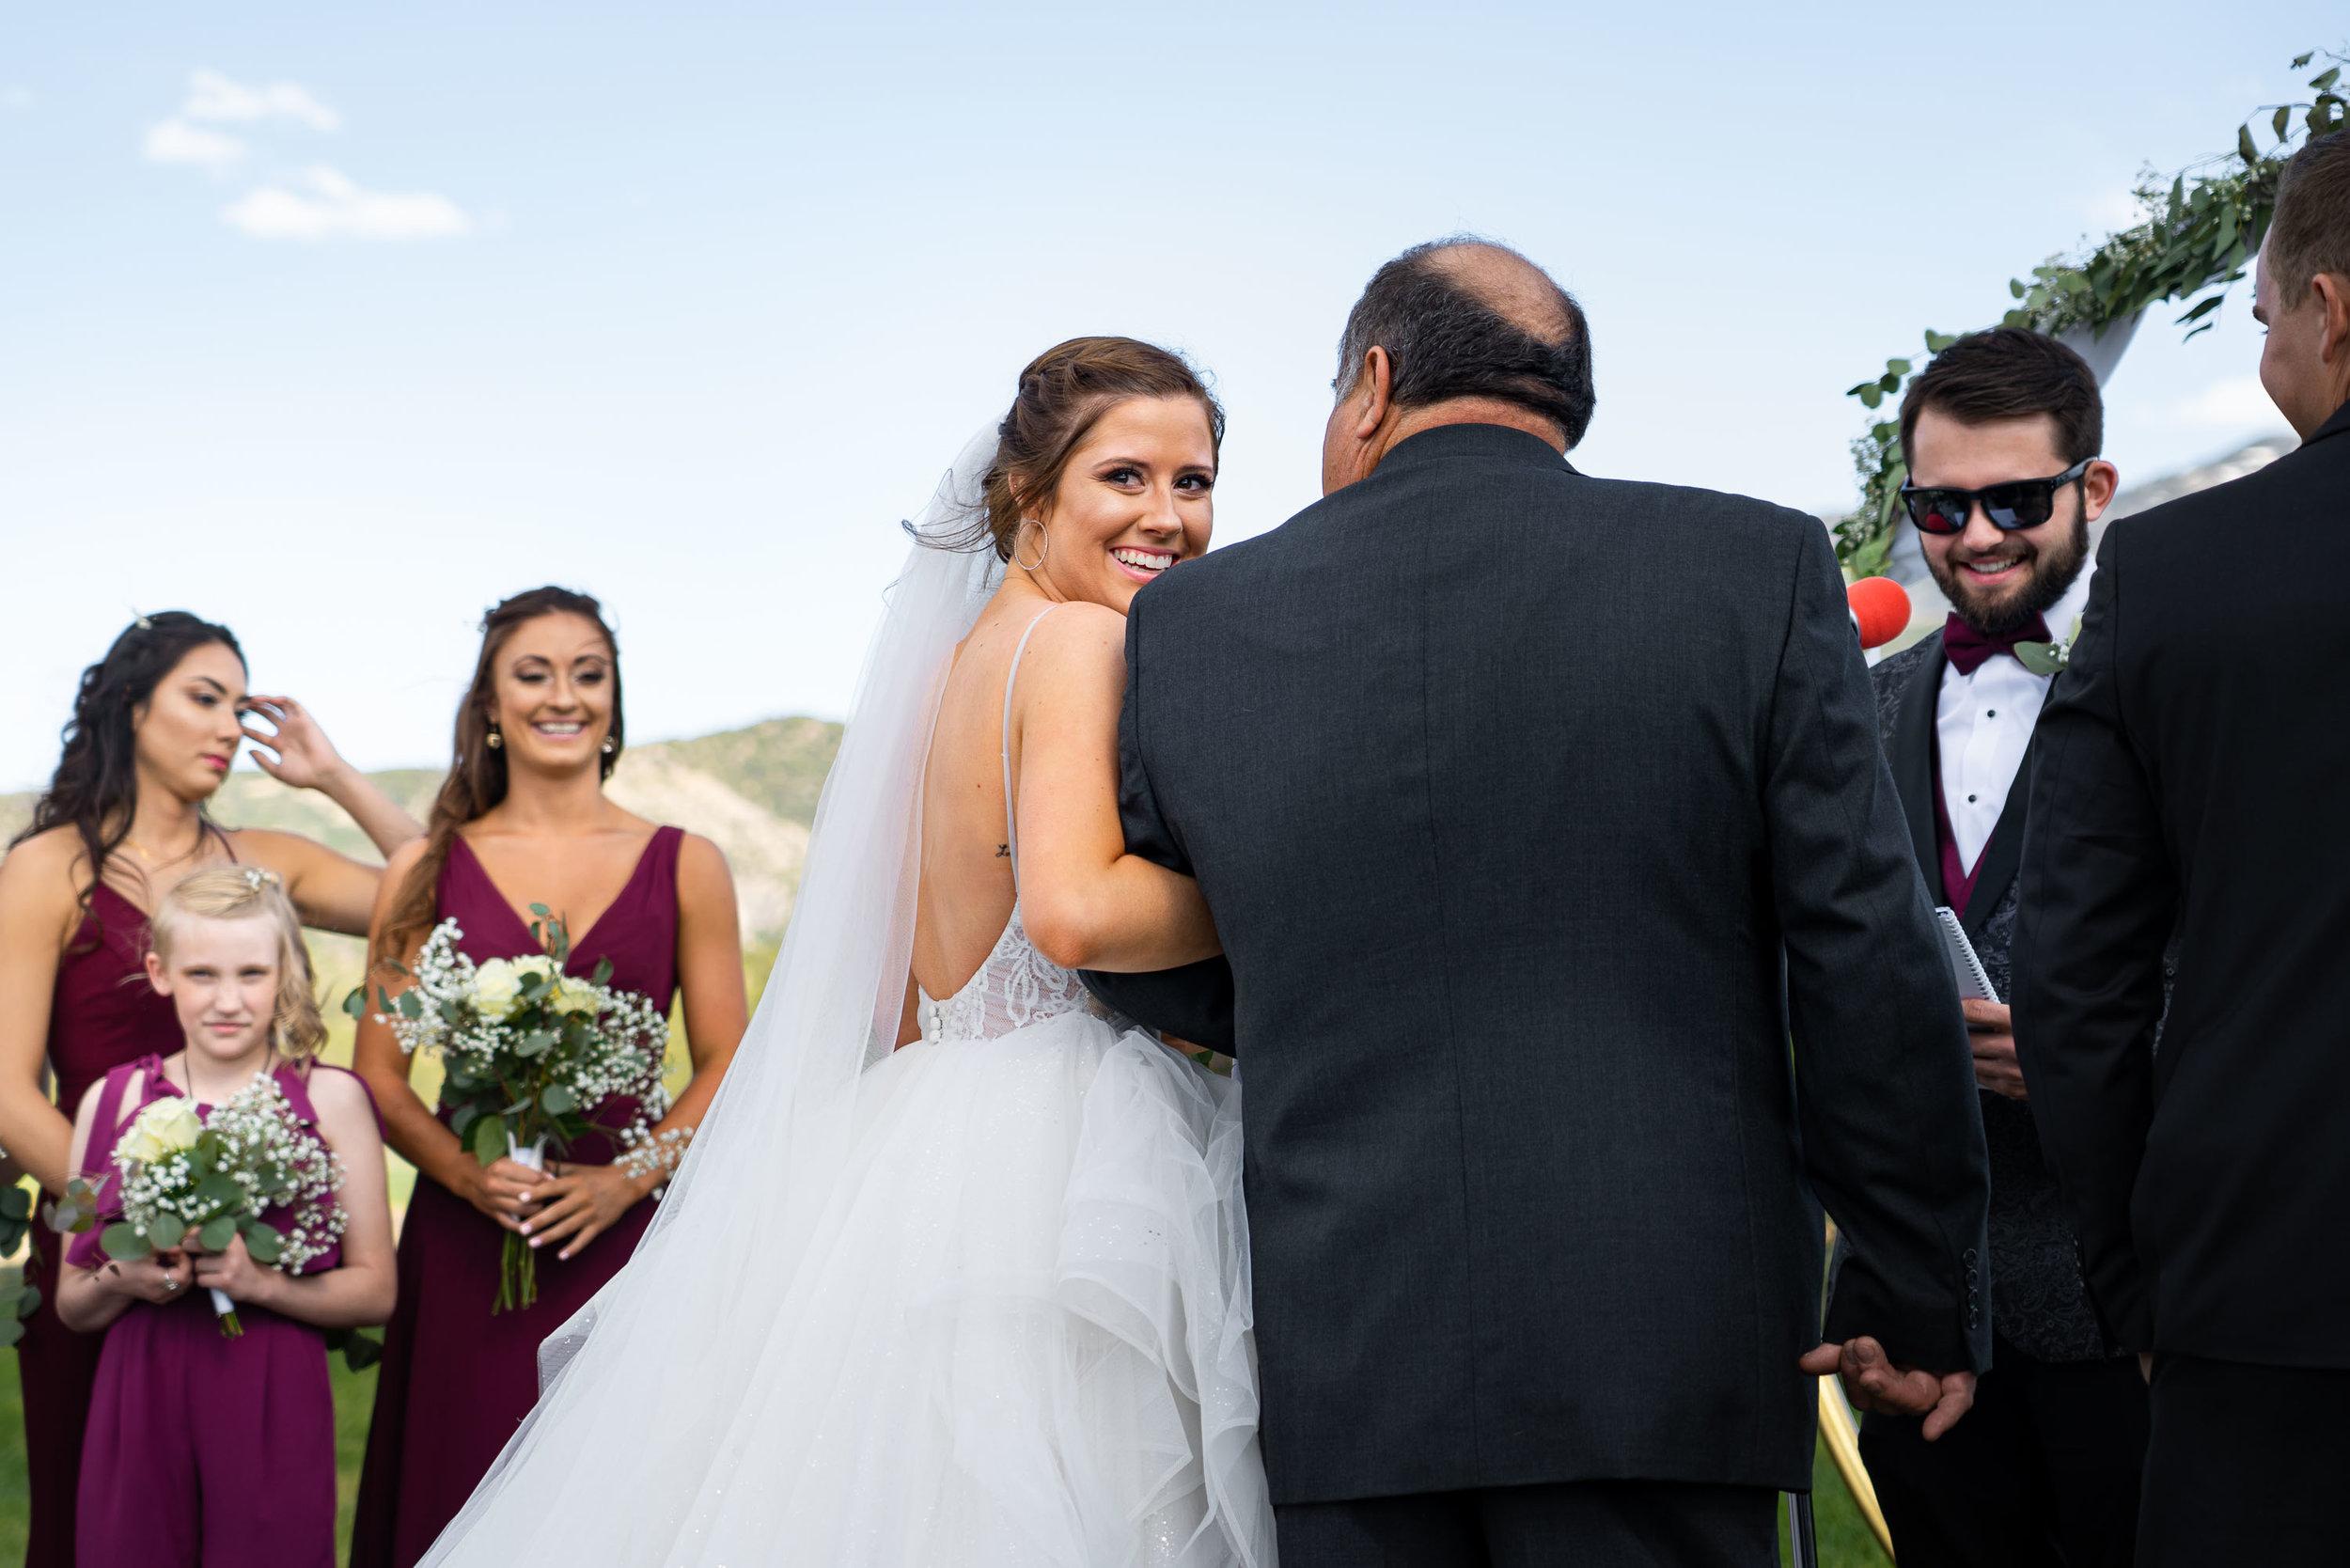 Kelsie_Nick_Ouray_Wedding-130.jpg